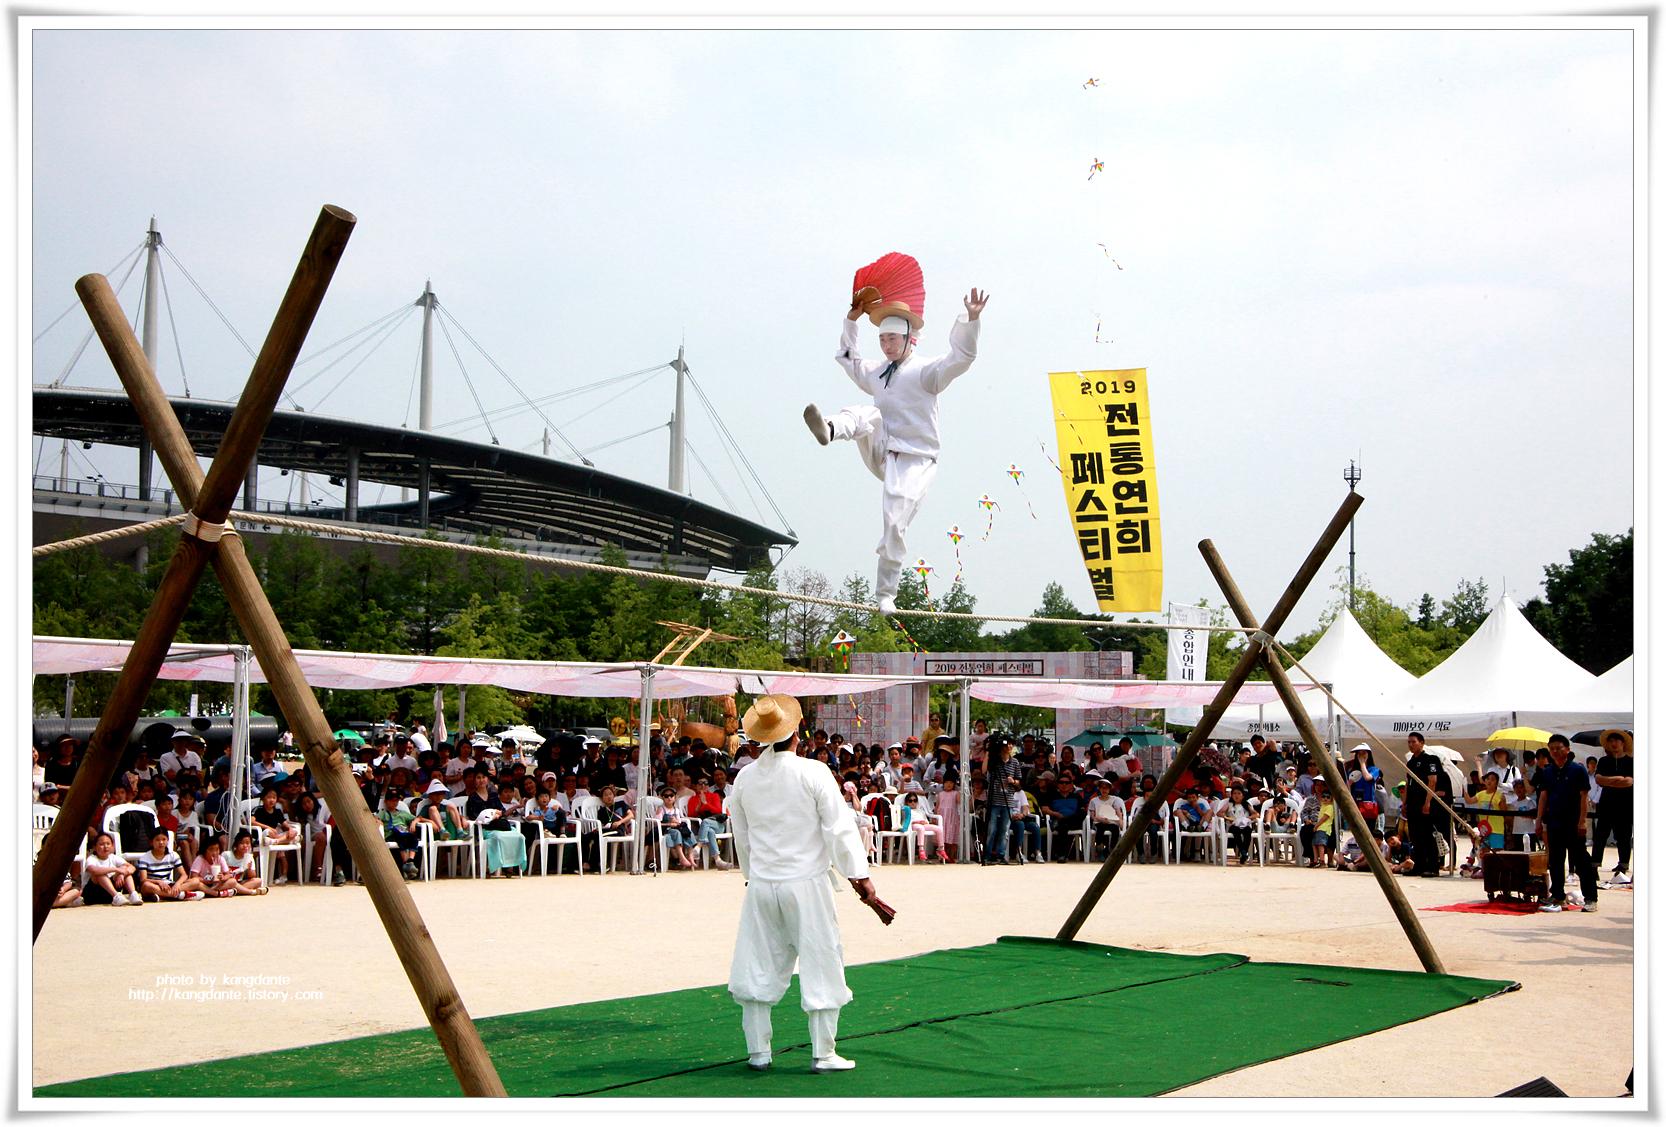 2019 전통연희페스티벌, 전통 줄타기 공연